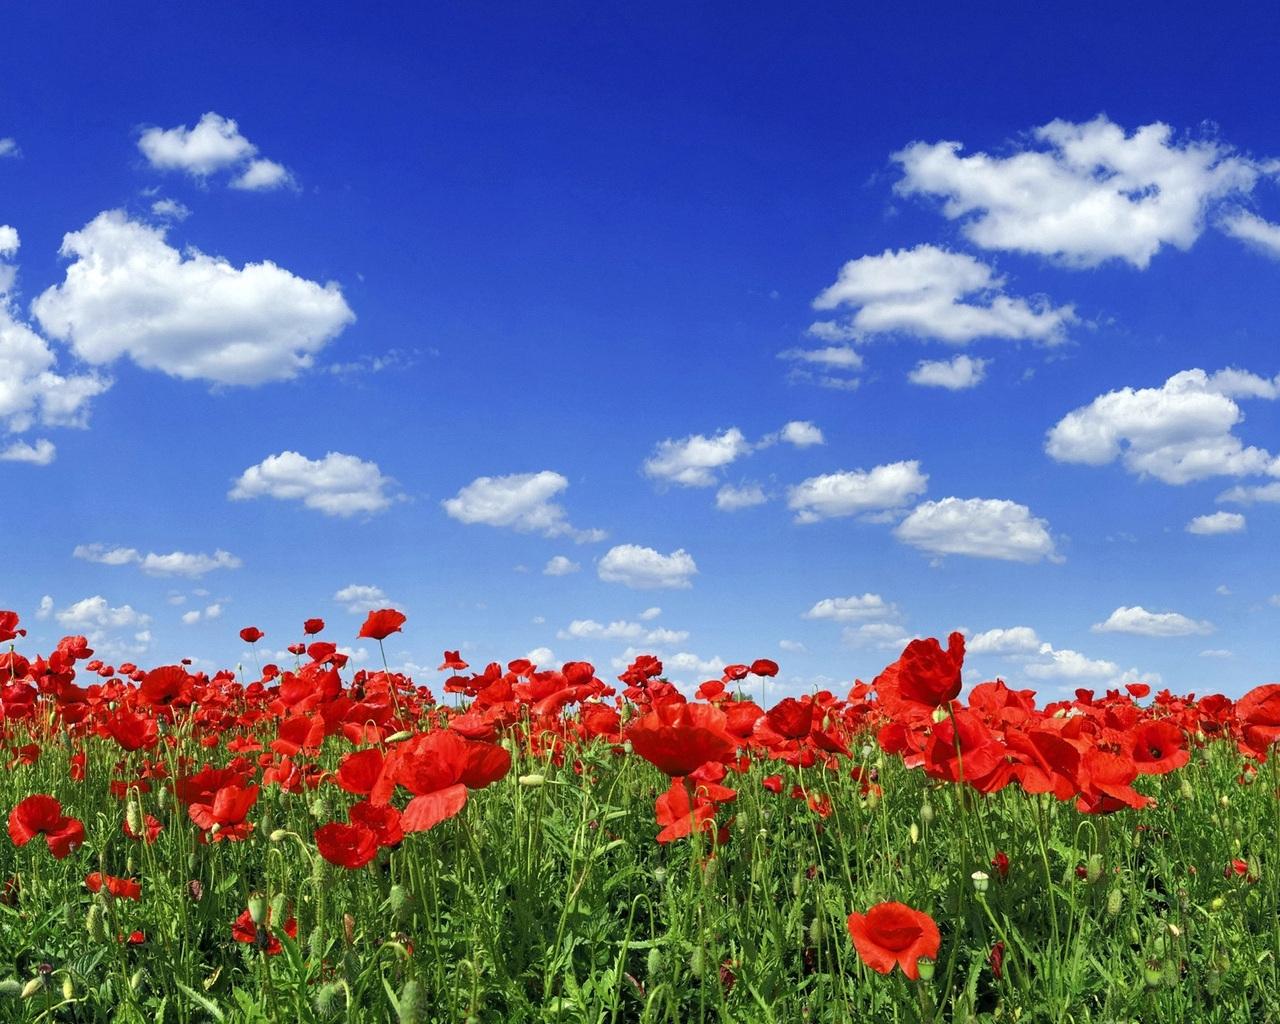 Скачать картинку Маки, Тюльпаны, Небо, Растения, Пейзаж в телефон бесплатно.